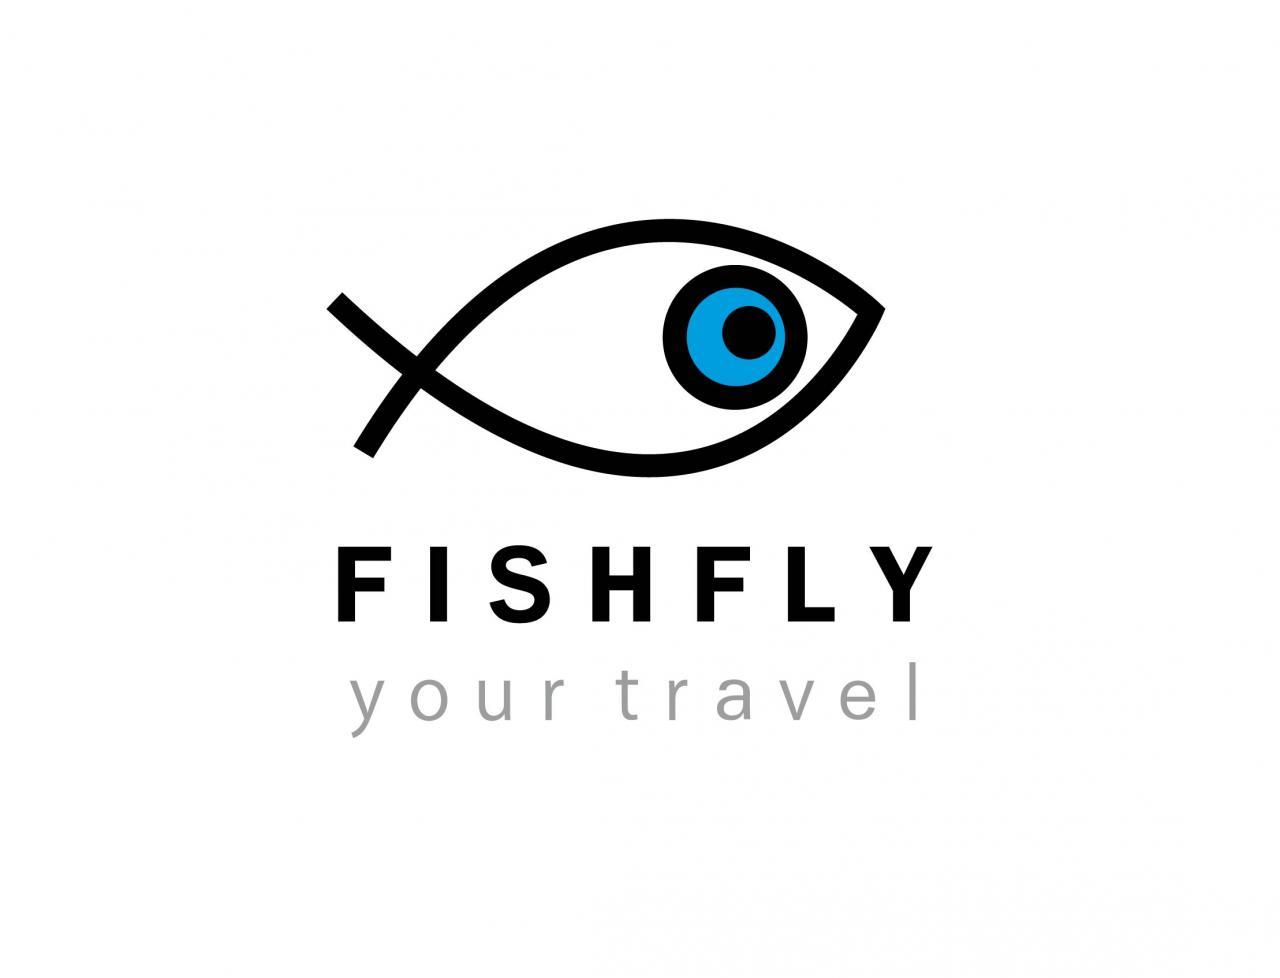 Нажмите на изображение для увеличения.  Название:Fishfly.jpg Просмотров:210 Размер:40.3 Кб ID:427523